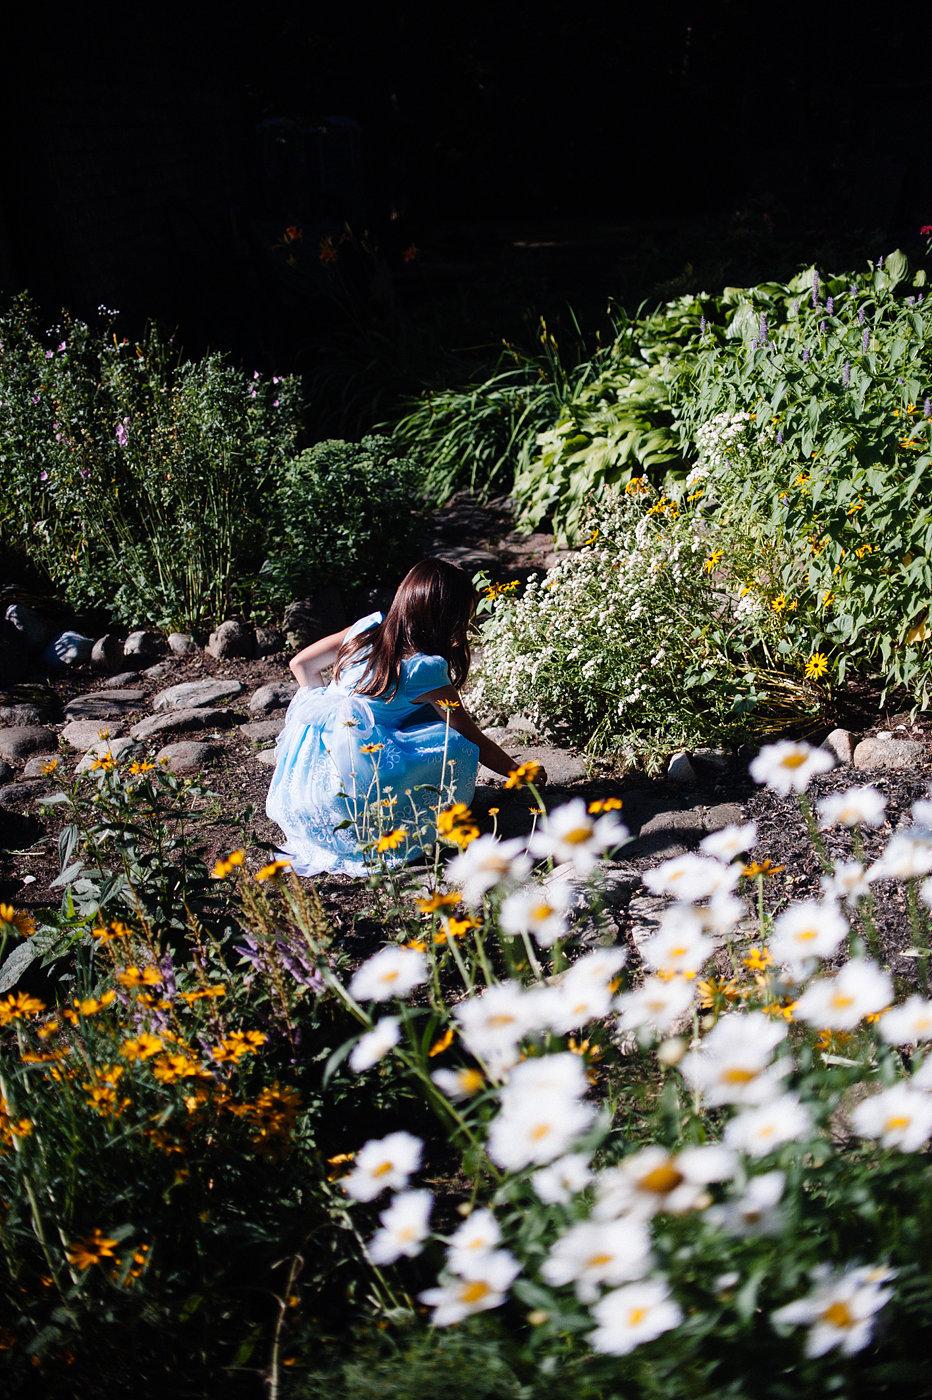 girl-in-garden.jpg